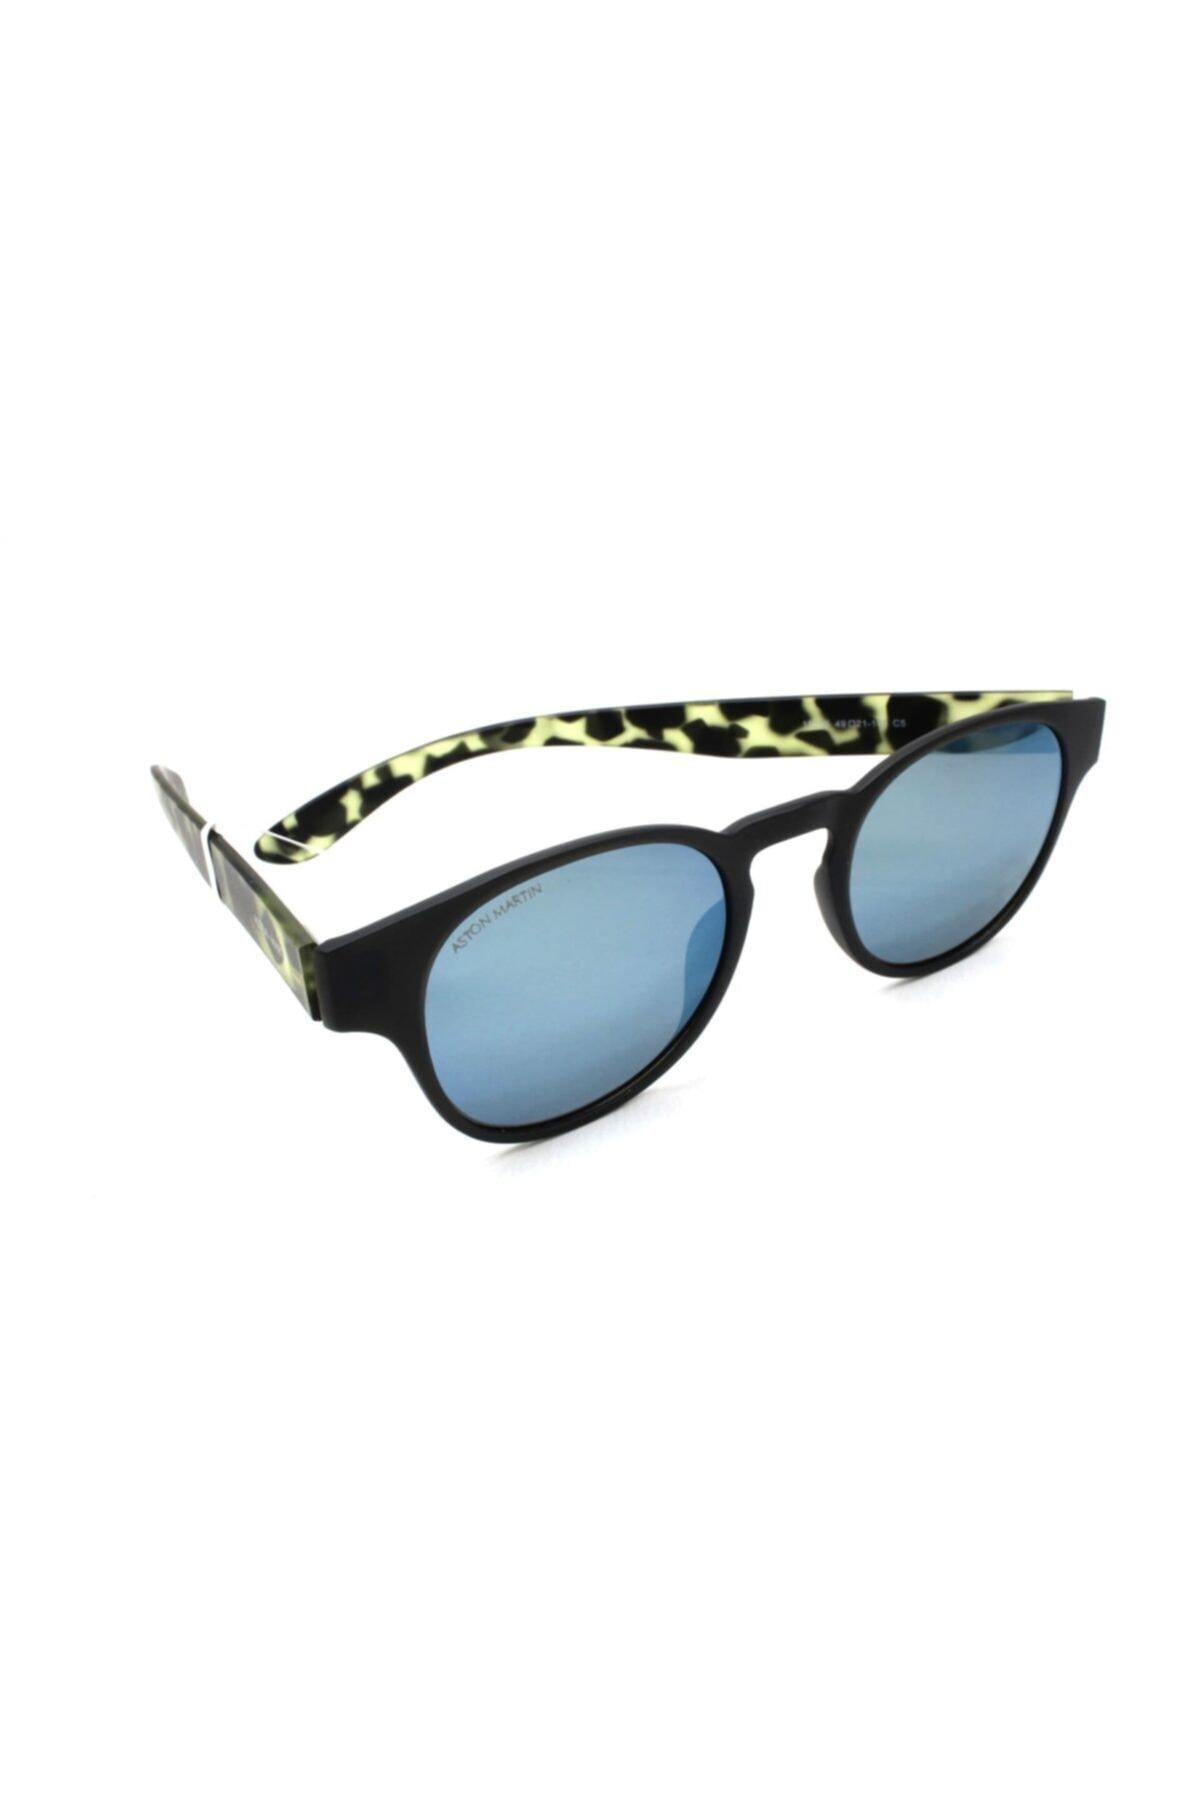 خرید انلاین عینک آفتابی طرح دار برند Aston Martin رنگ مشکی کد ty68260989